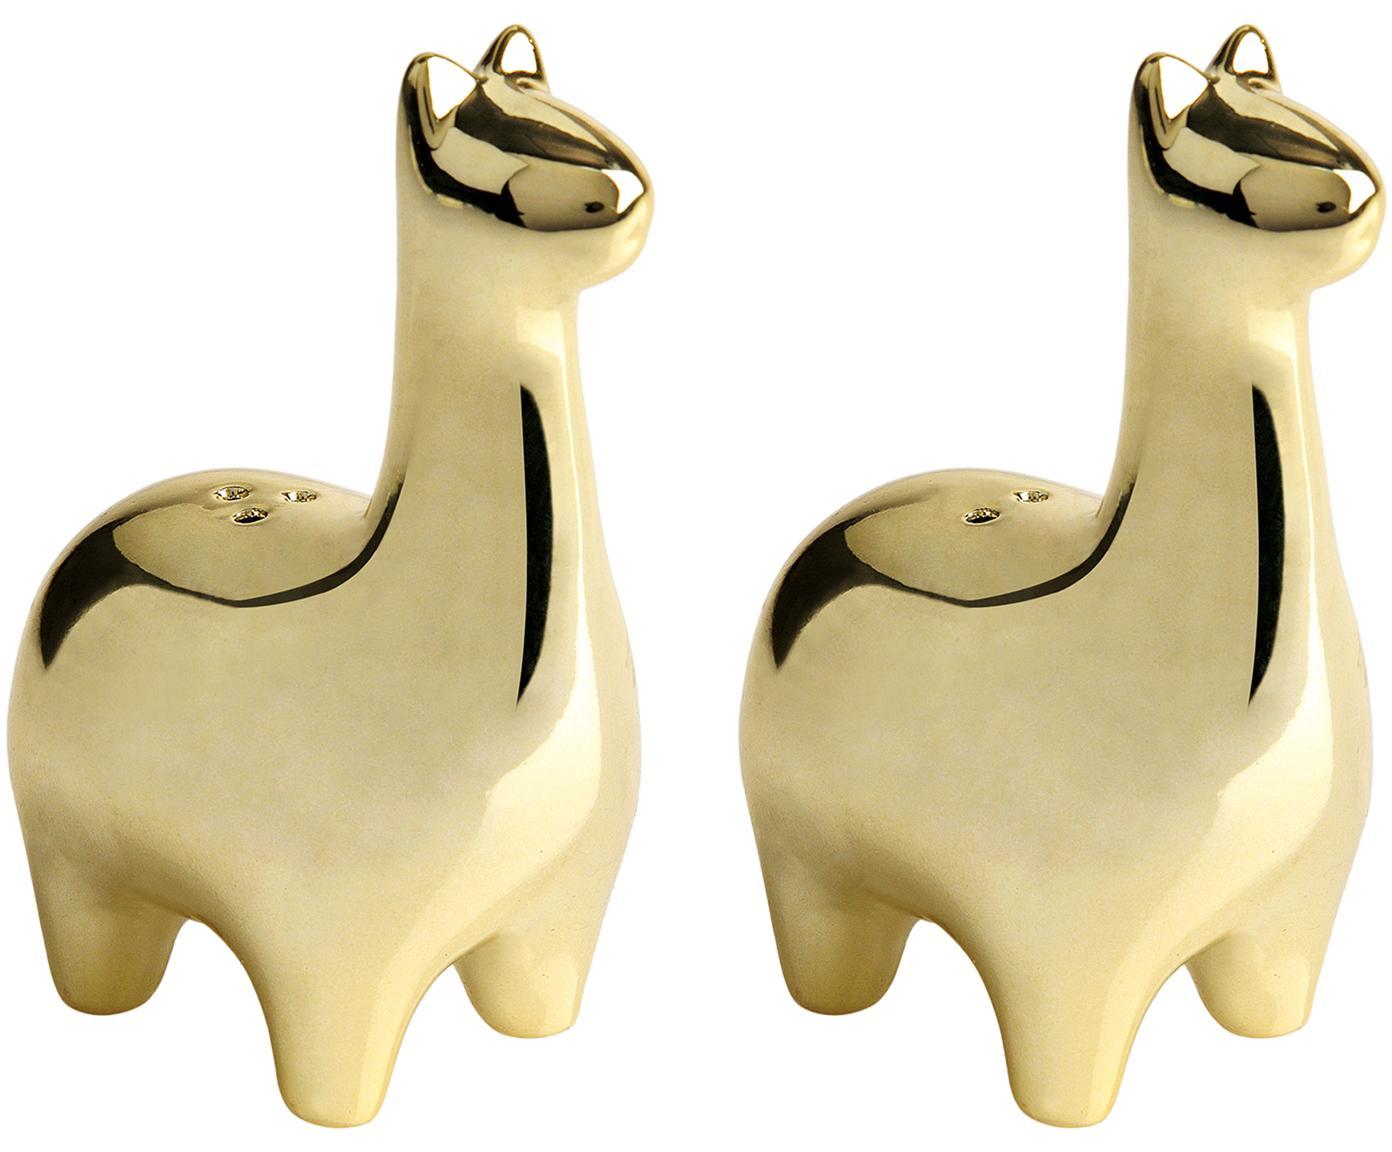 Set de salero y pimientero Lamas, 2pzas., Cerámica, Latón, Ancho 5 x Alto 9 cm